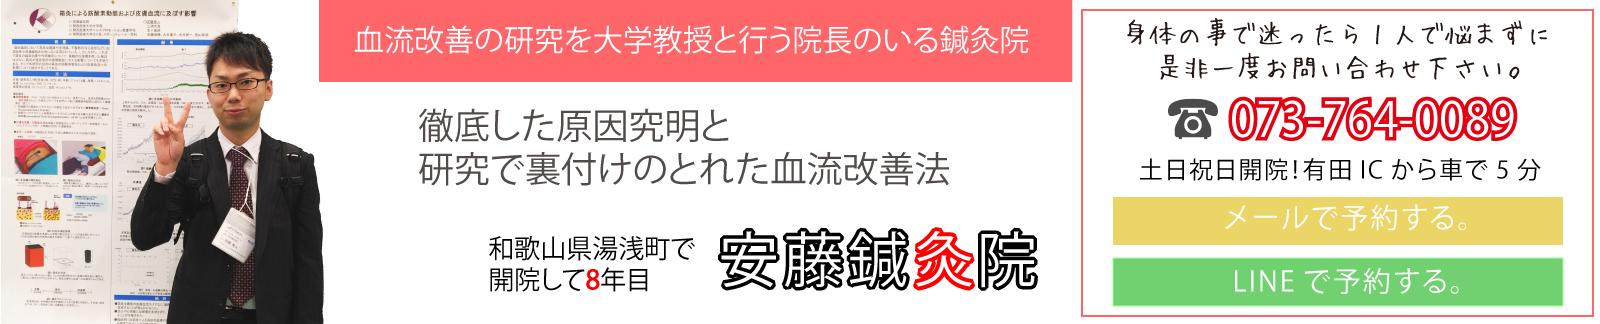 和歌山県の鍼灸専門治療院!有田郡湯浅町で腰痛や坐骨神経痛にお困りなら当院へ